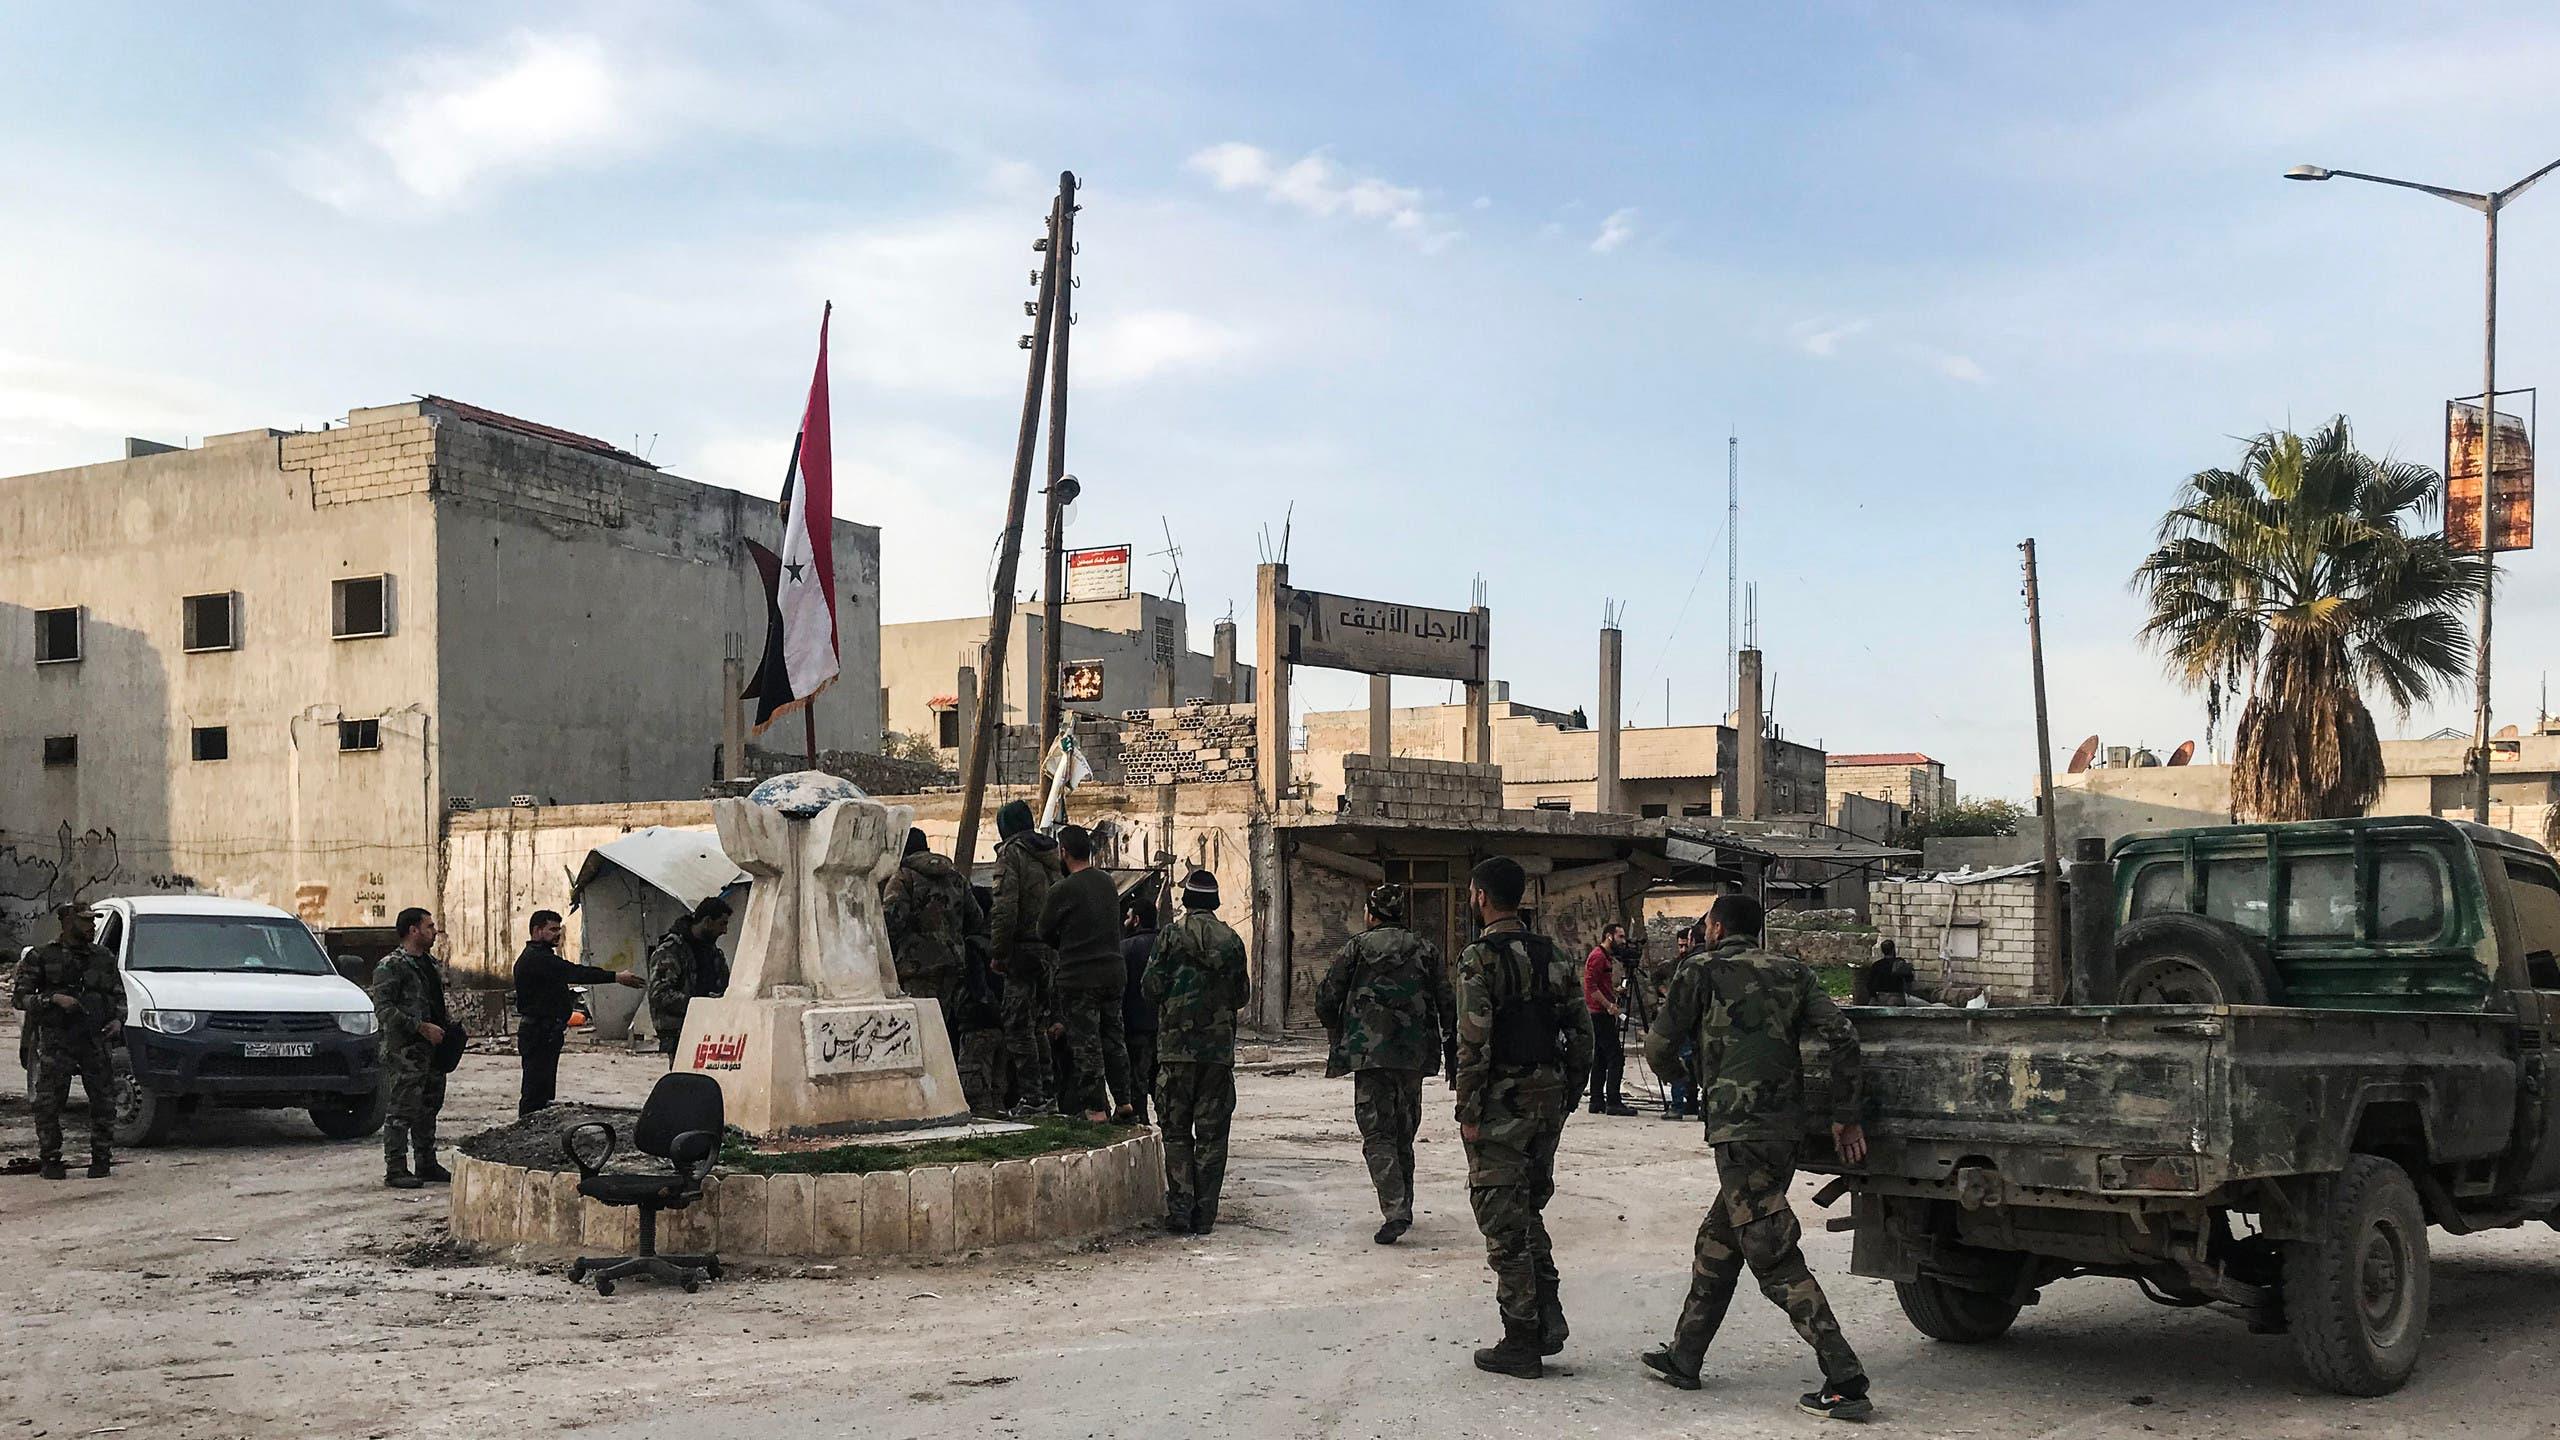 عناصر للنظام السوري في سراقب في إدلب (أرشيفية فرانس برس)